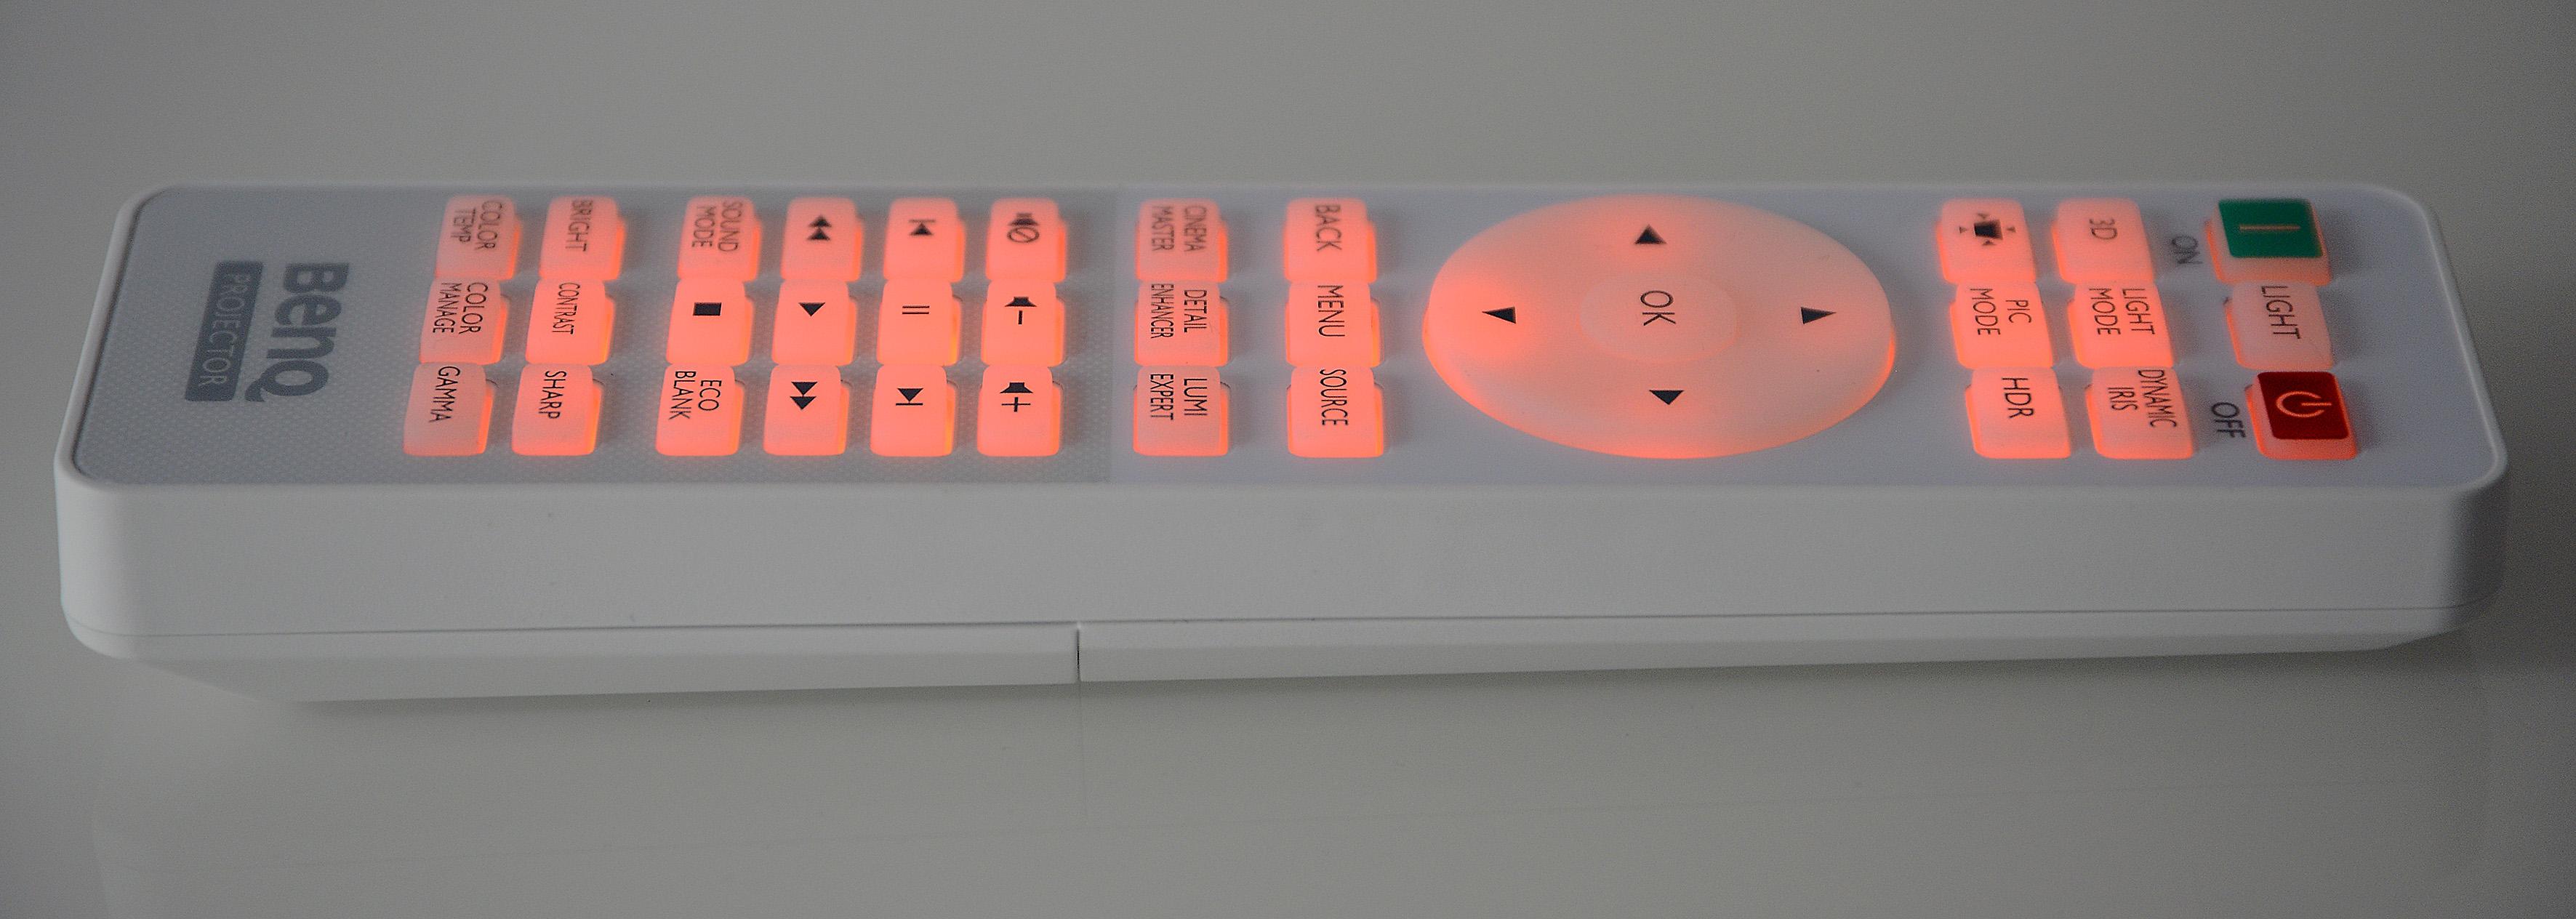 Foto: Michael B. Rehders Die Fernbedienung liegt sicher in der Hand. Die beleuchtete Tastatur ist übersichtlich gestaltet und gut beschriftet. Die Navigation durchs On-Screen-Menü gelingt zügig und treffsicher.